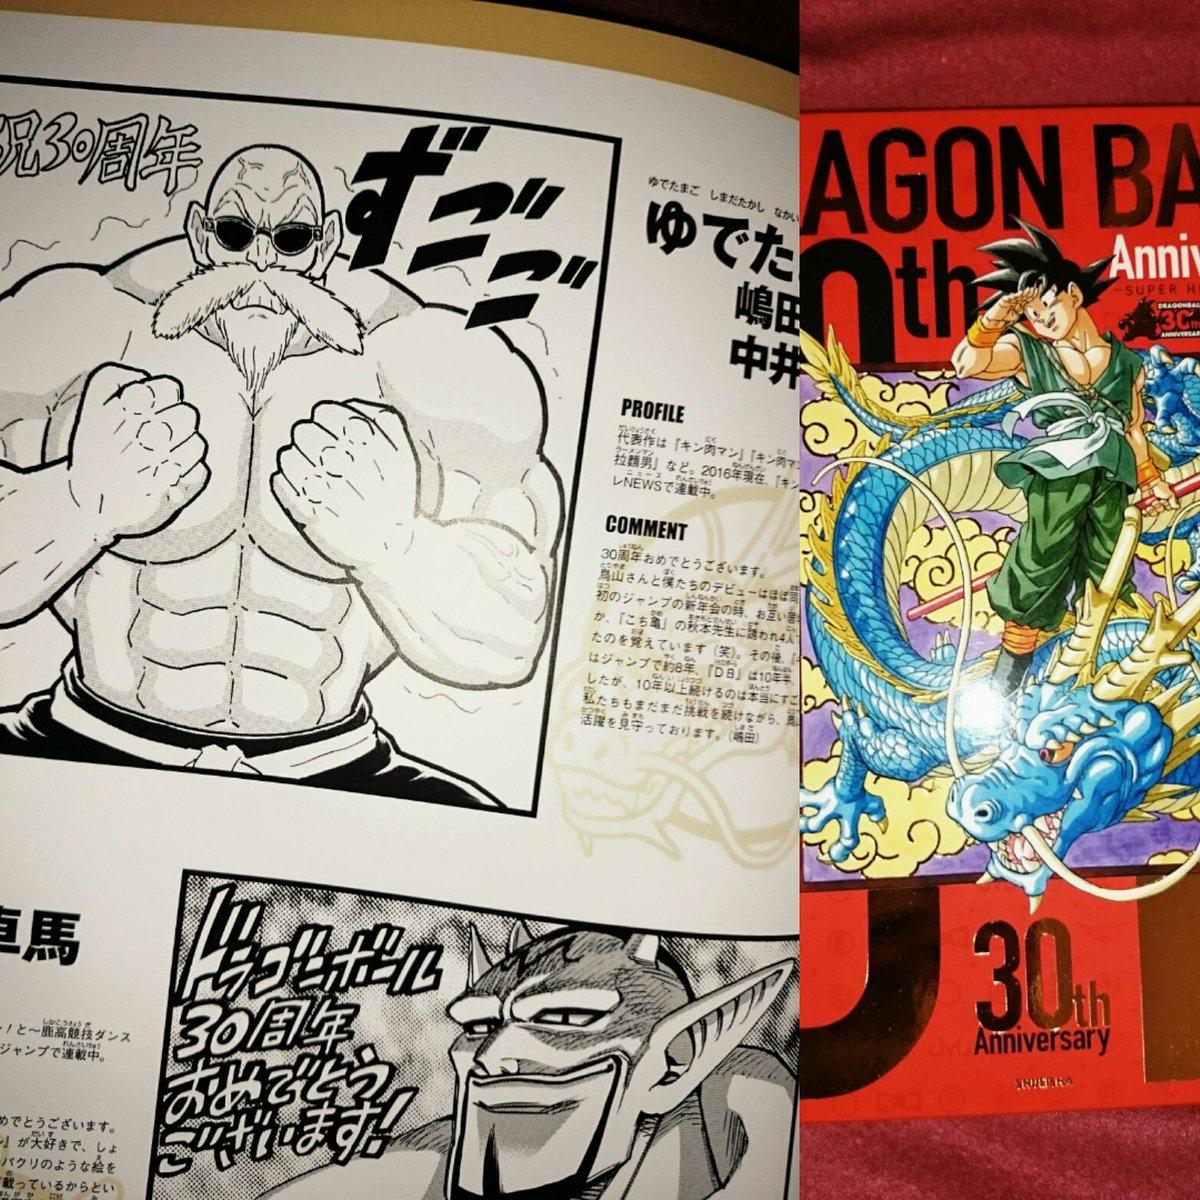 ゆでたまご嶋田 On Twitter ドラゴンボール30周年記念本に